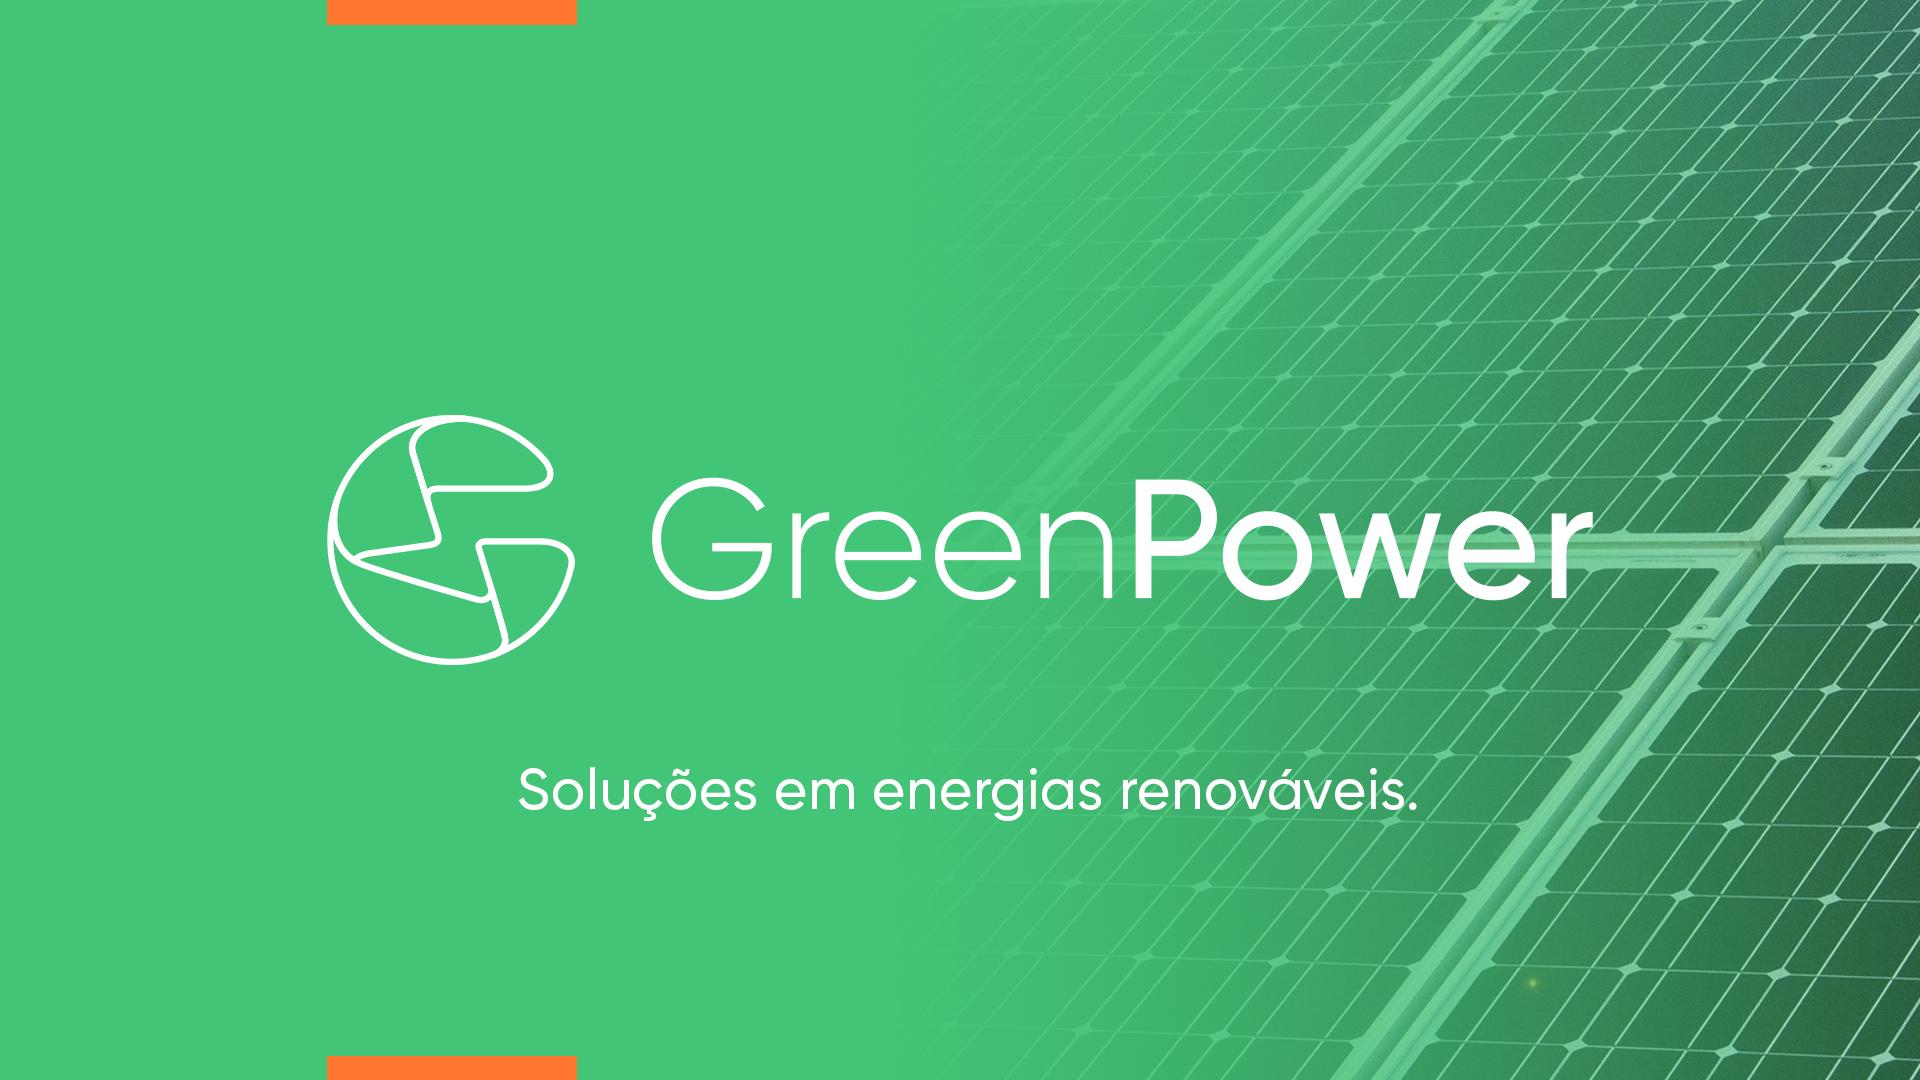 Criação de imagem para a empresa Green Power